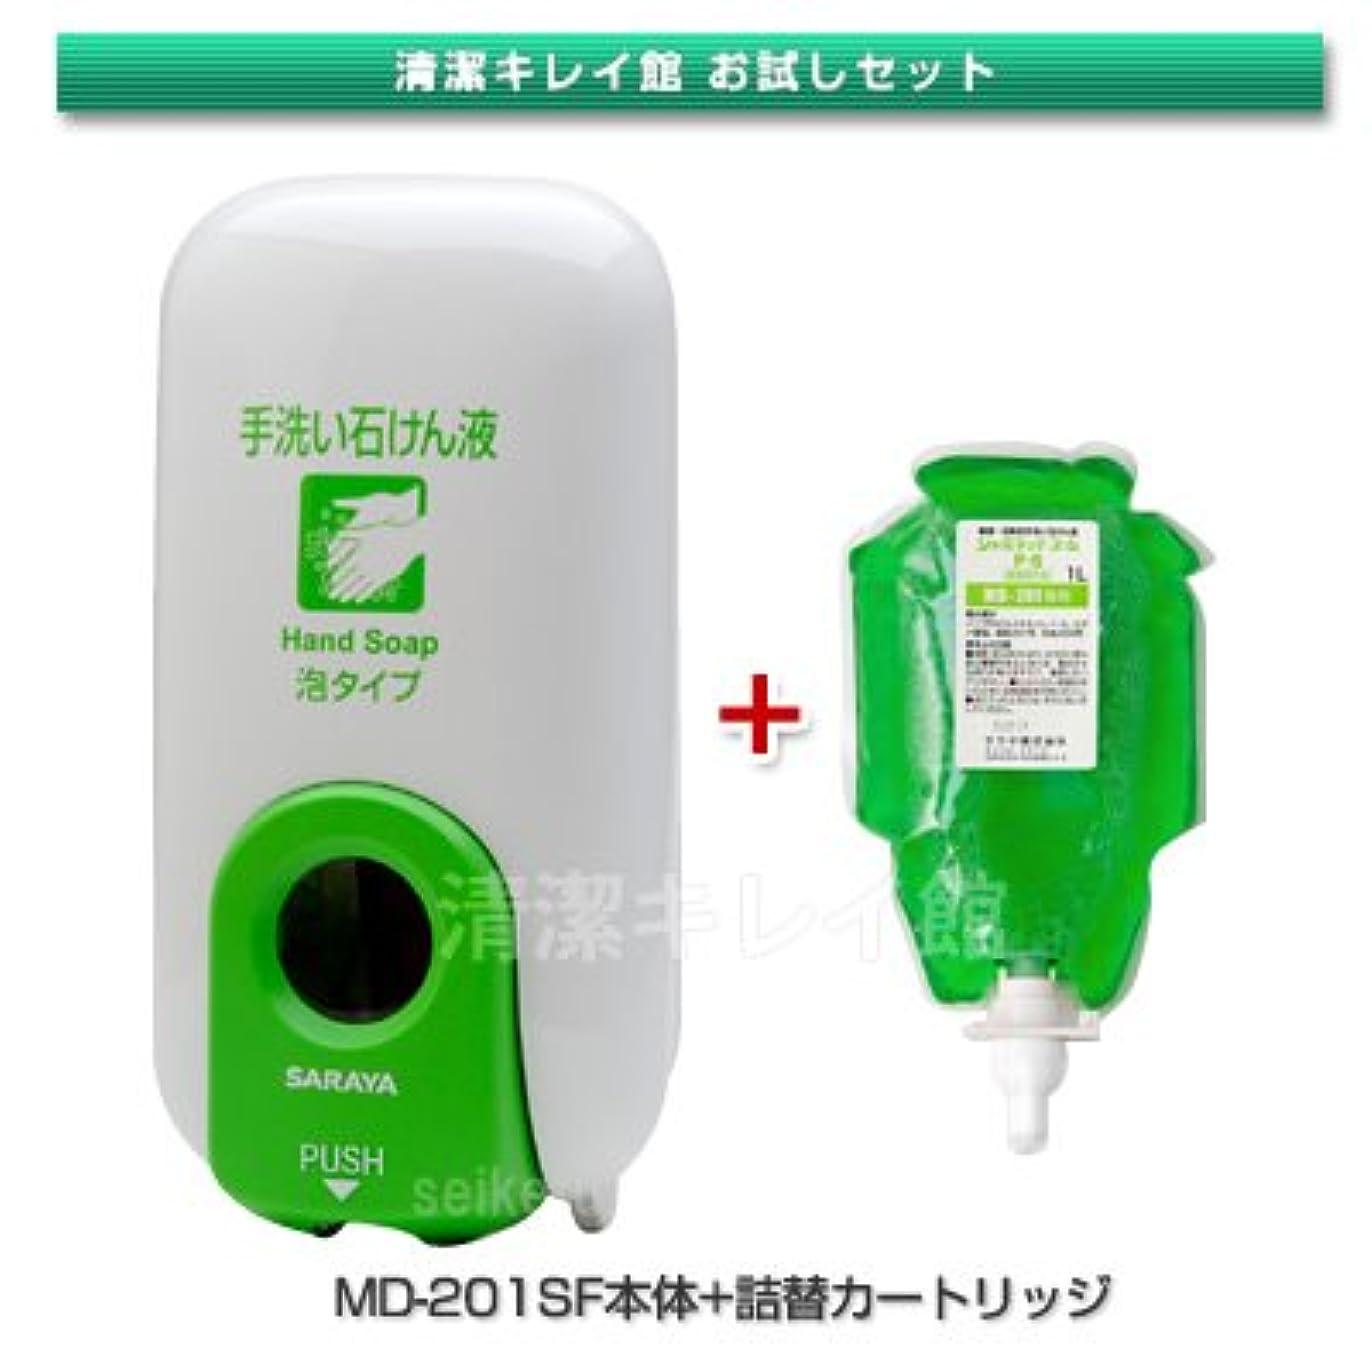 どこか狂人旅サラヤ プッシュ式石鹸液 MD-201SF(泡)【清潔キレイ館お試しセット】(本体とカートリッジ/ユムP-5)